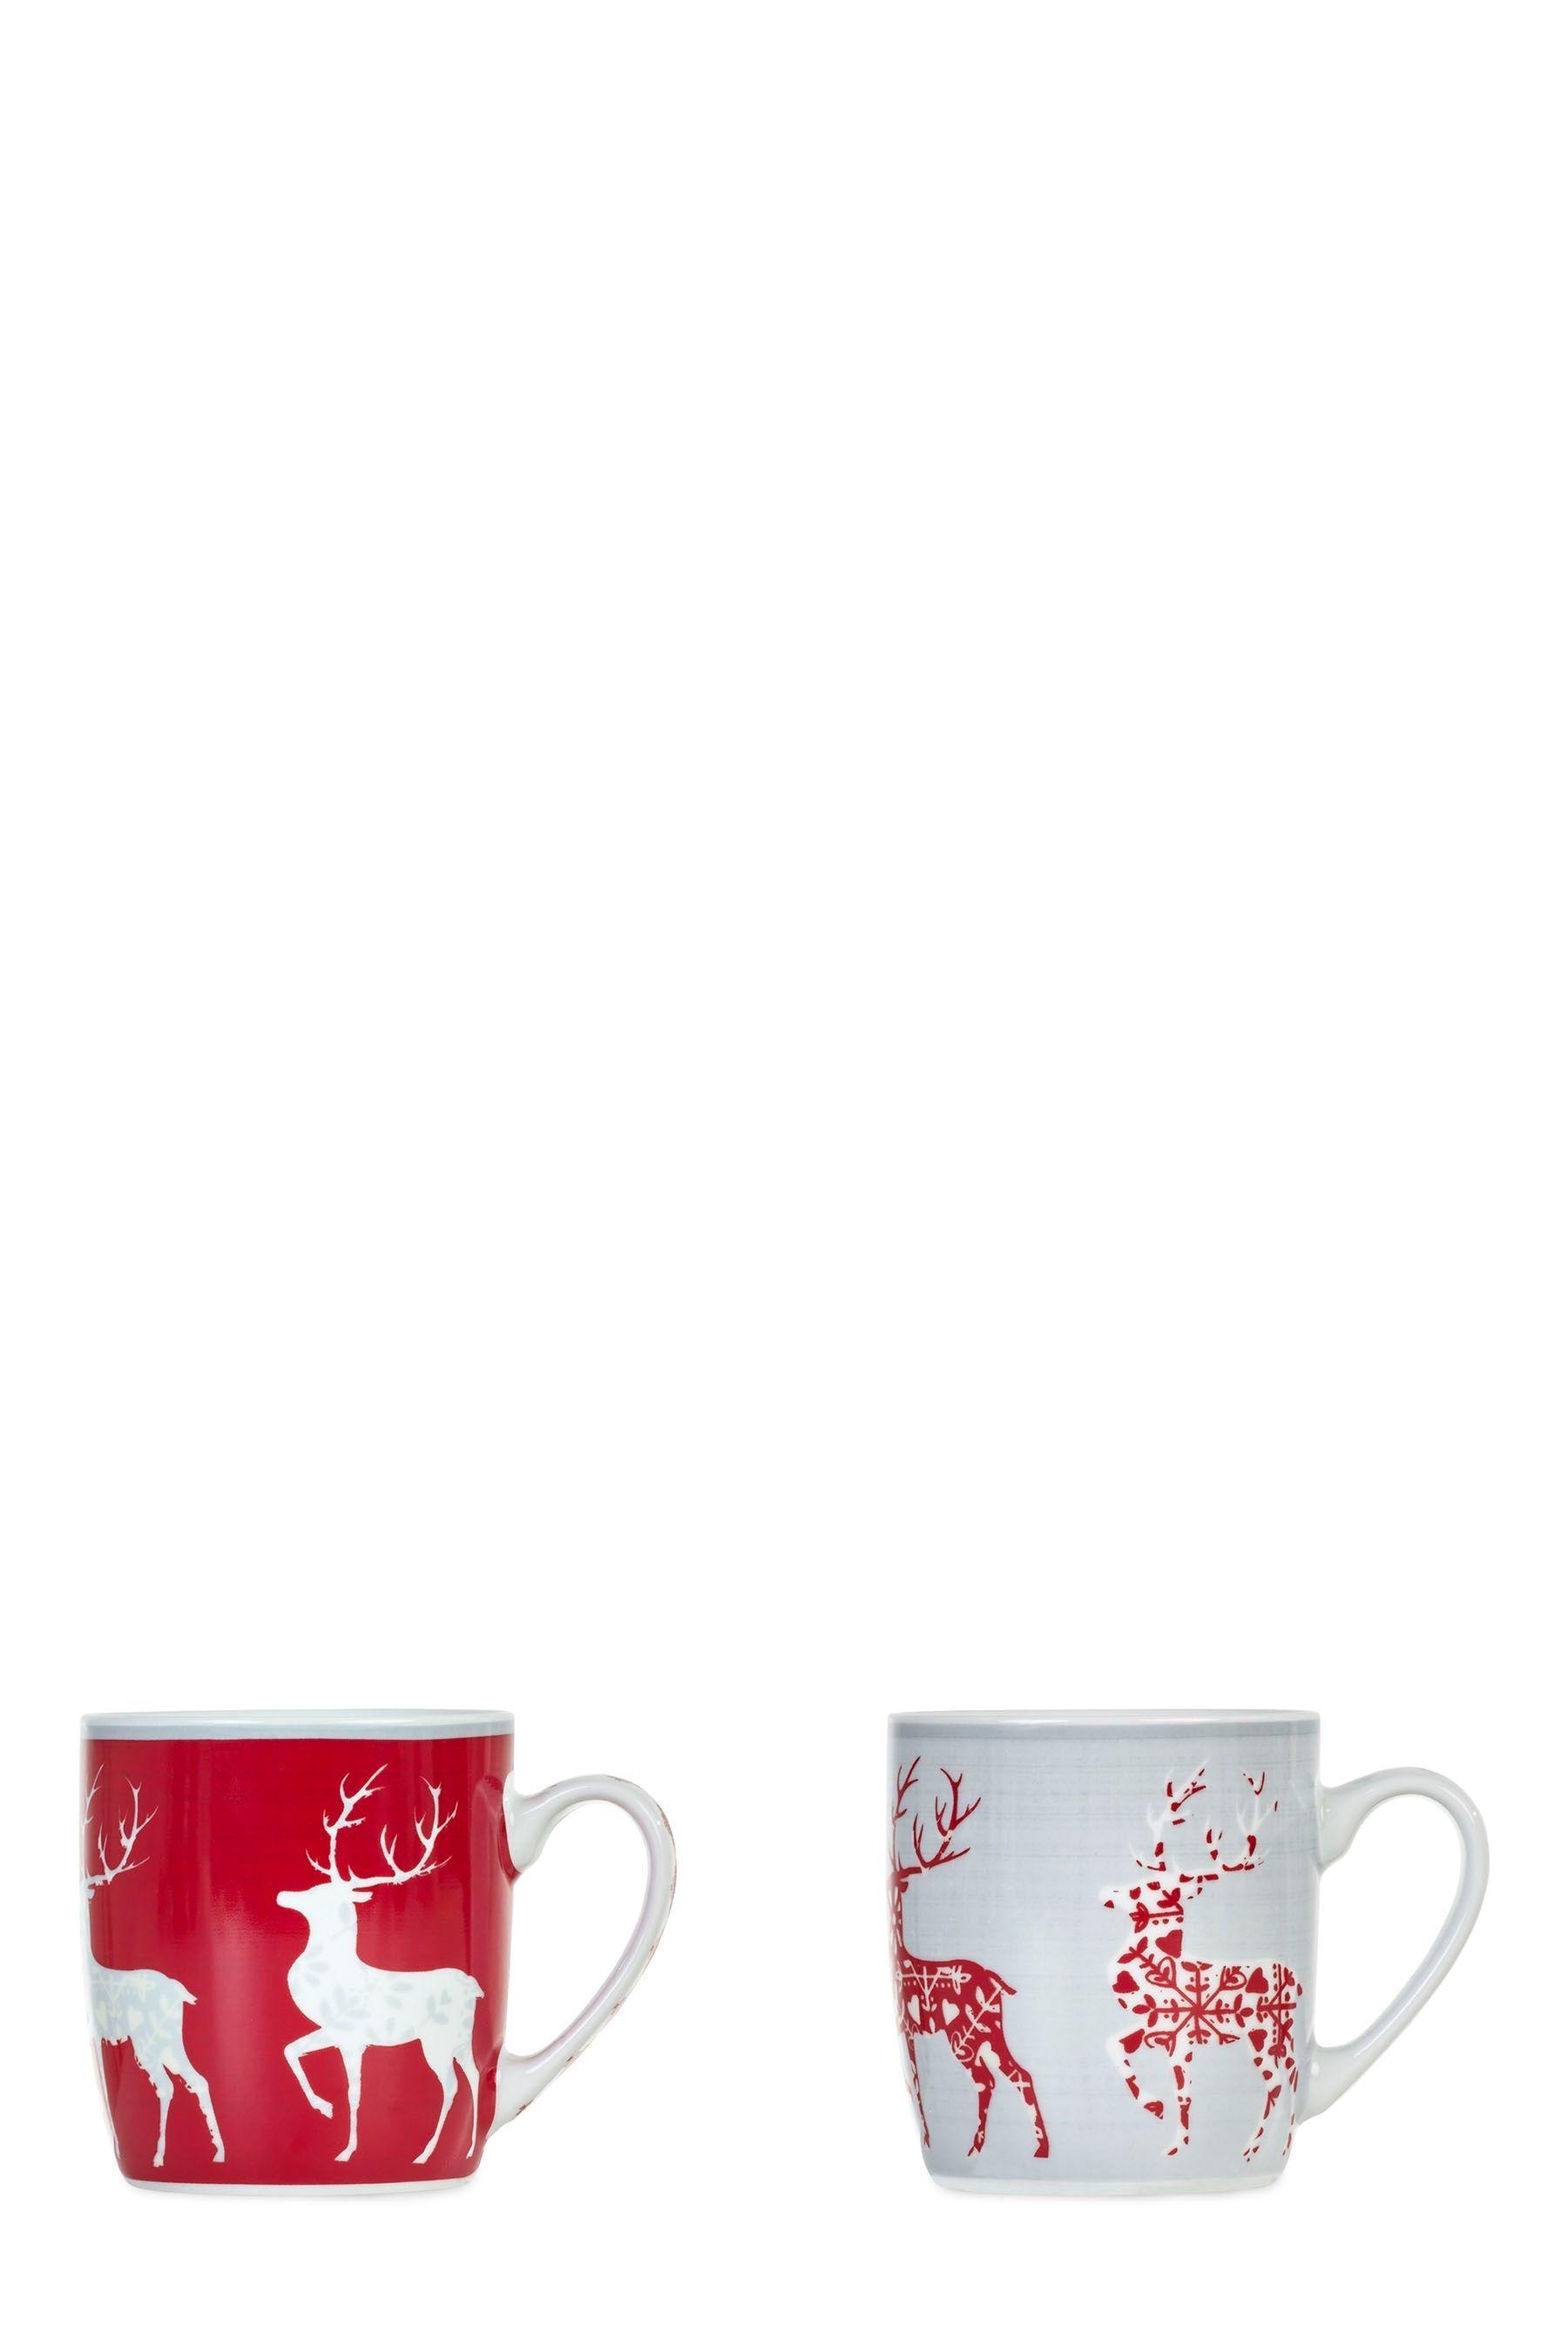 Buy Set Of 2 Reindeer Mugs From The Next Uk Online Shop Christmas Tableware Christmas Dinnerware Mugs